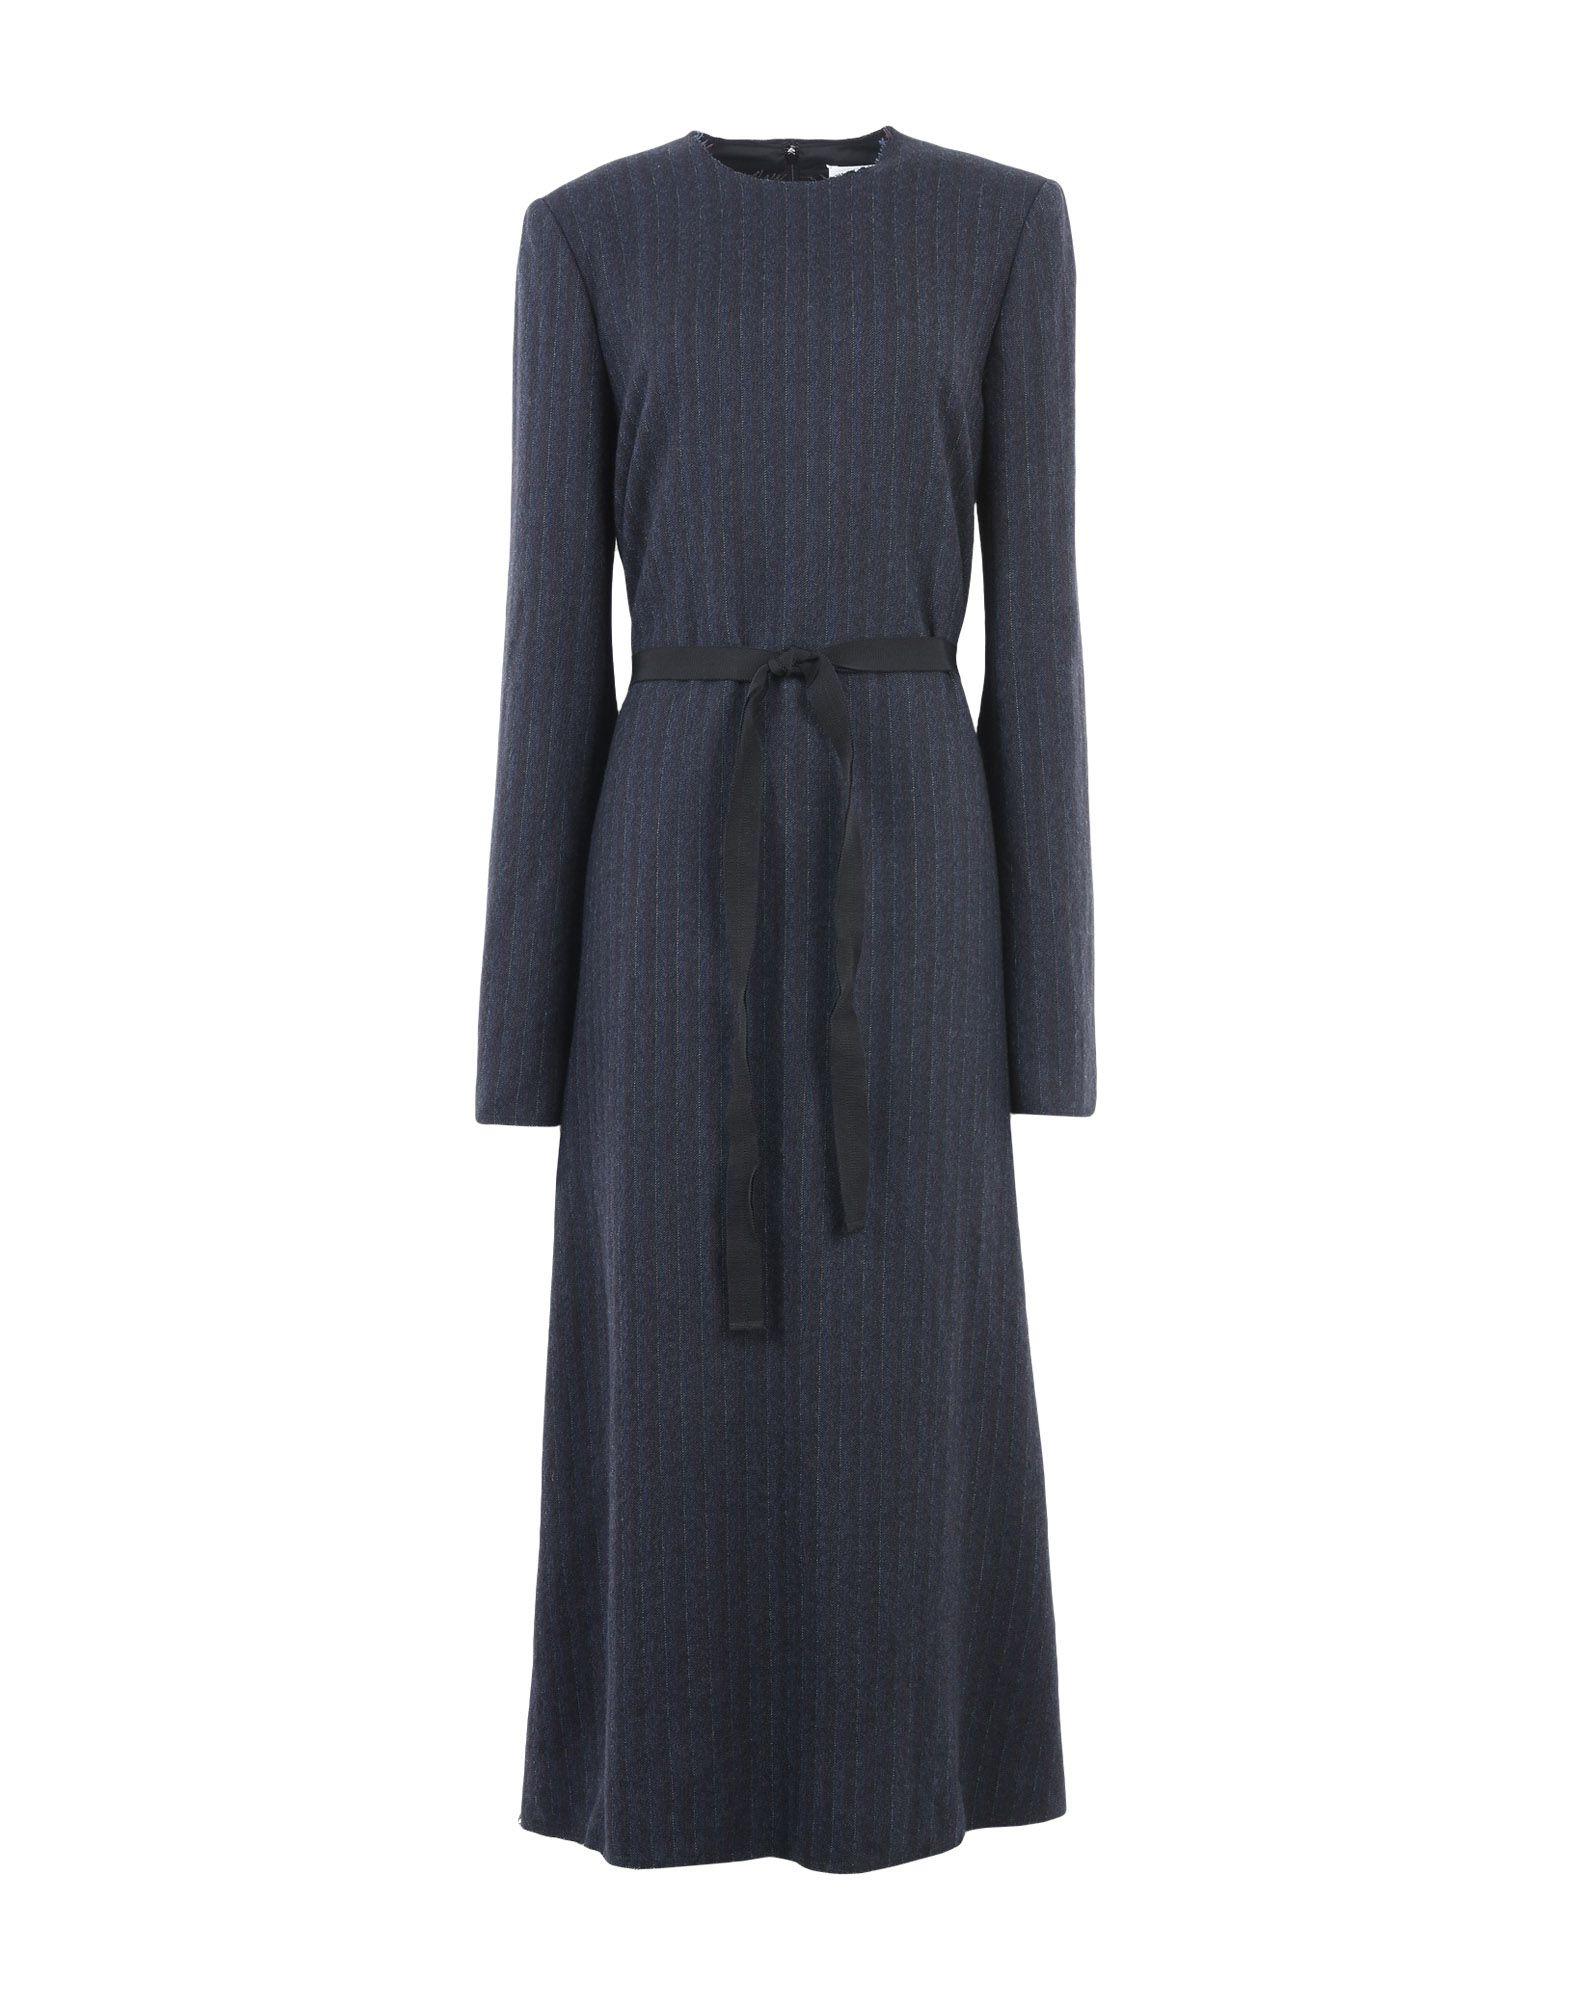 《送料無料》MAISON MARGIELA レディース ロングワンピース&ドレス ダークブルー 44 バージンウール 100%